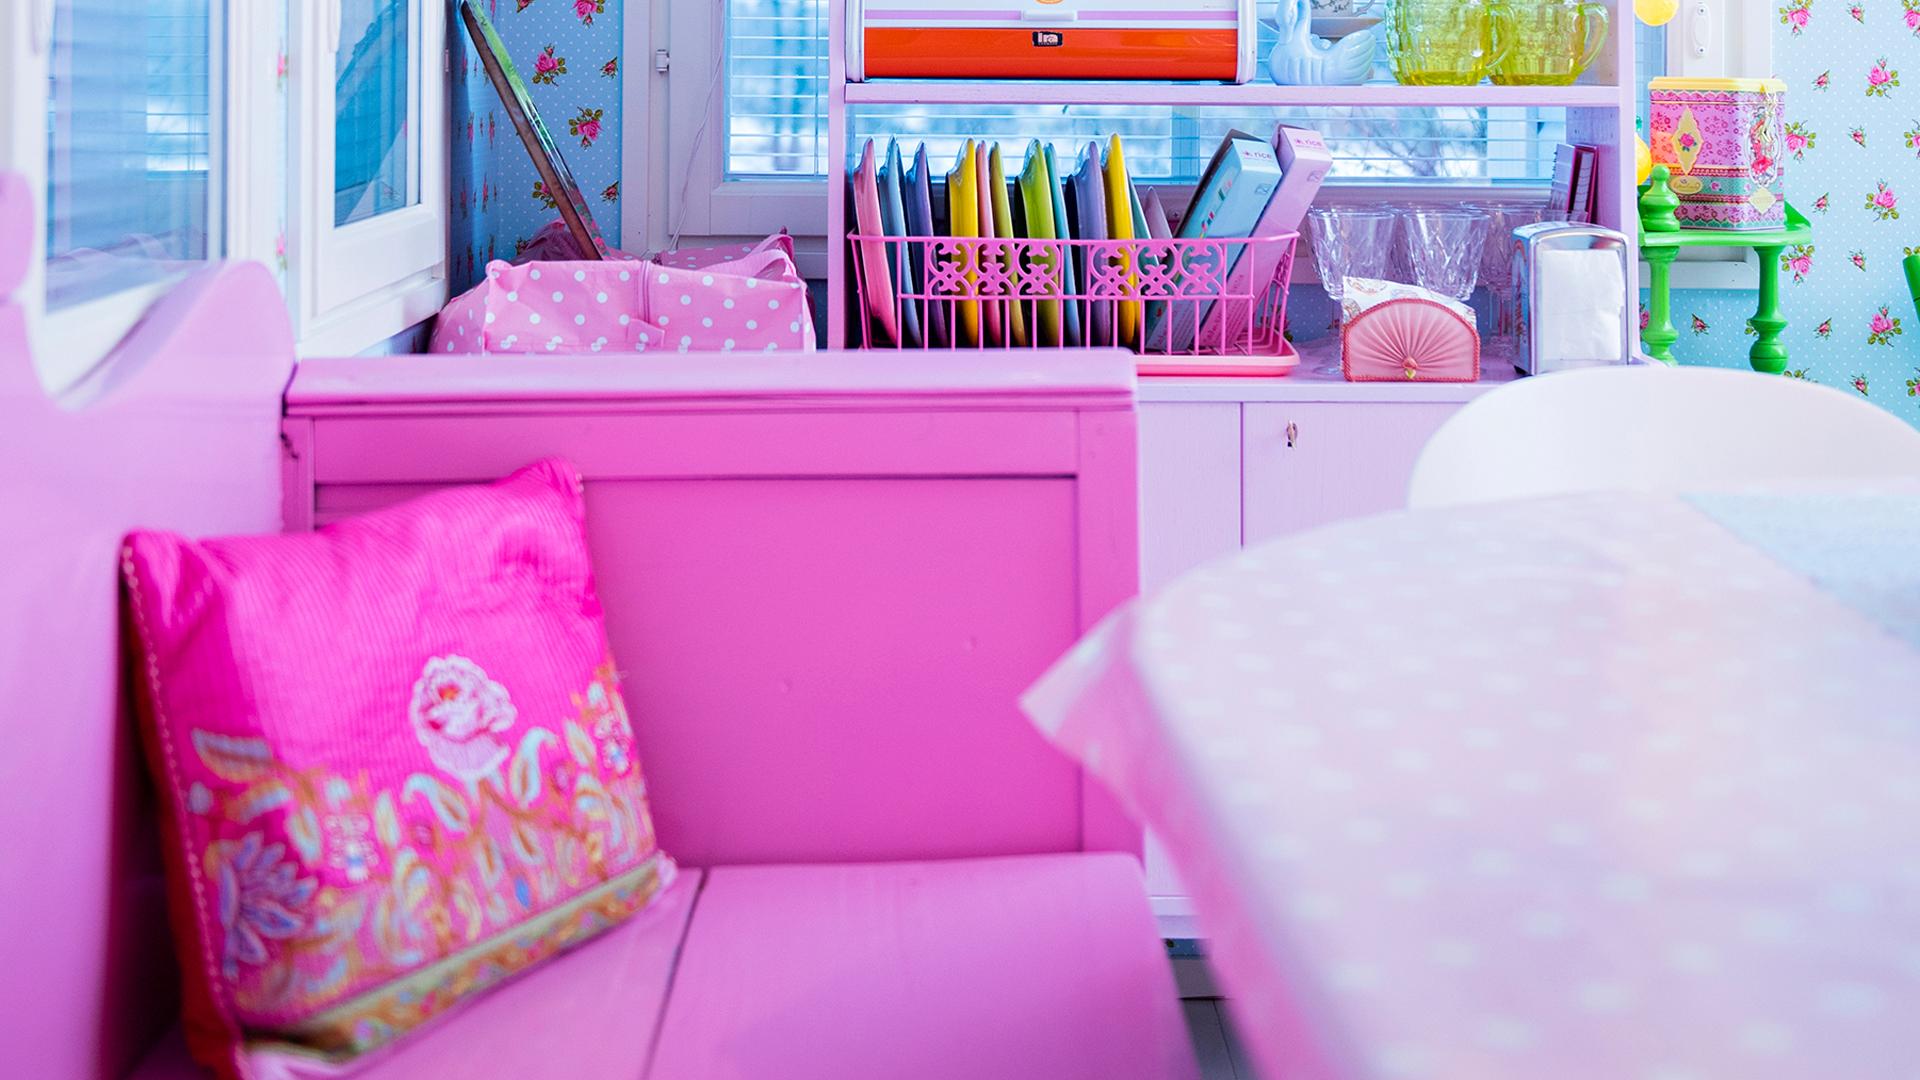 Pinkki puinen sohva